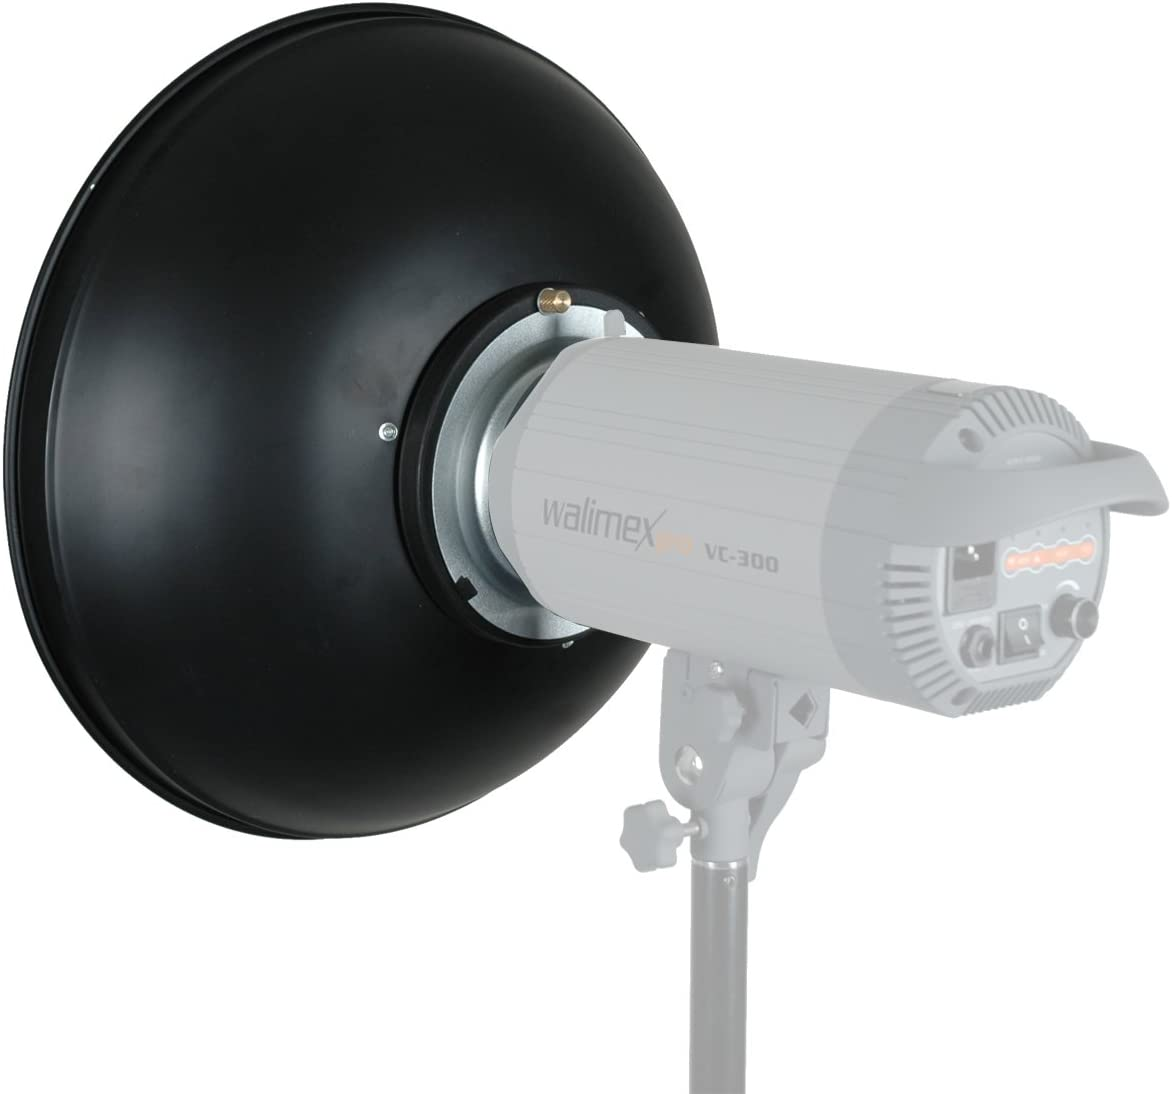 Walimex Beauty Dish Mit Universalanschluss Kamera